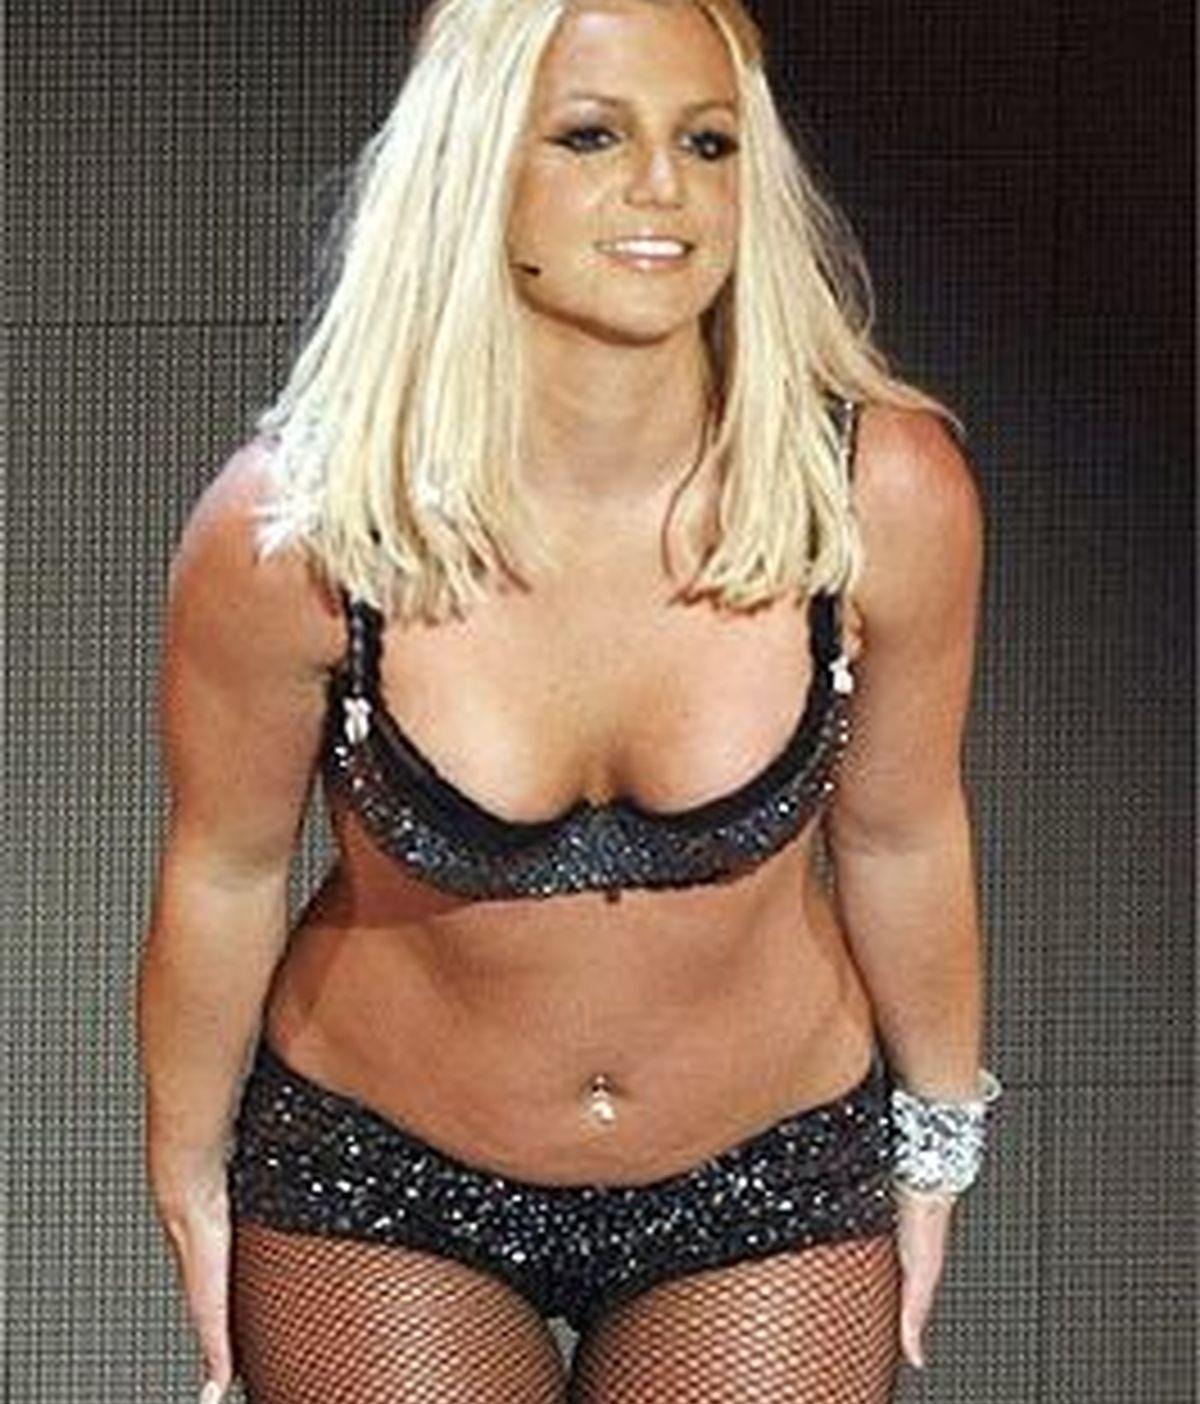 Britney Spears gastó más de cinco millones de euros en apenas un año, por lo que su padre lleva el caso ante la Corte Suprema de Los Angeles y le quita las cartas de crédito. Foto archivo